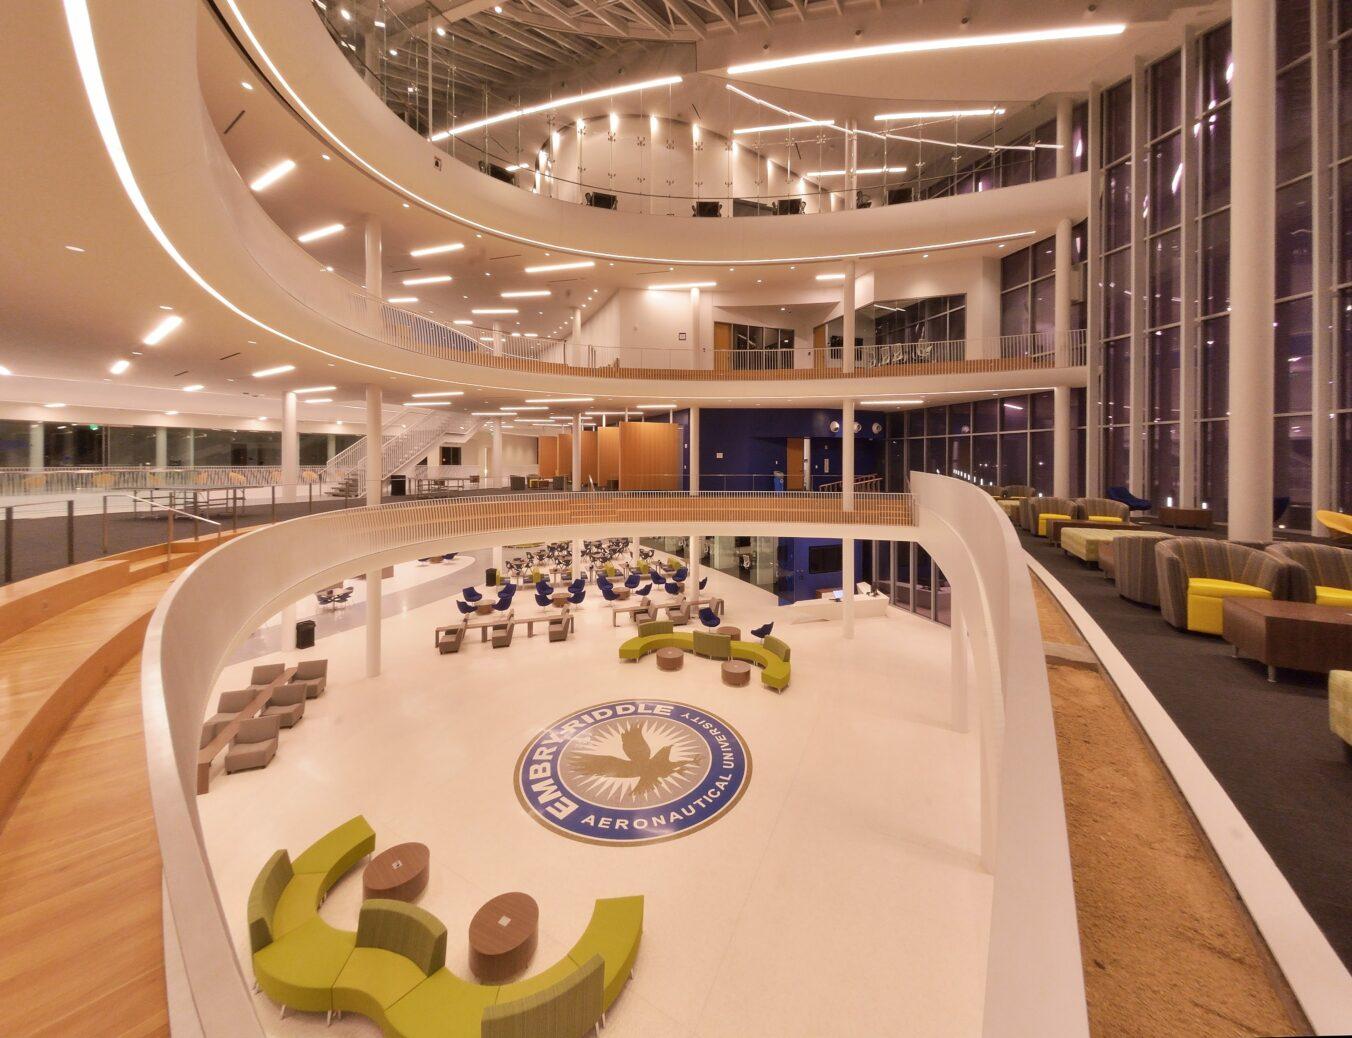 Embry-Riddle Aeronautical University Mori Hosseni Student Union Atrium